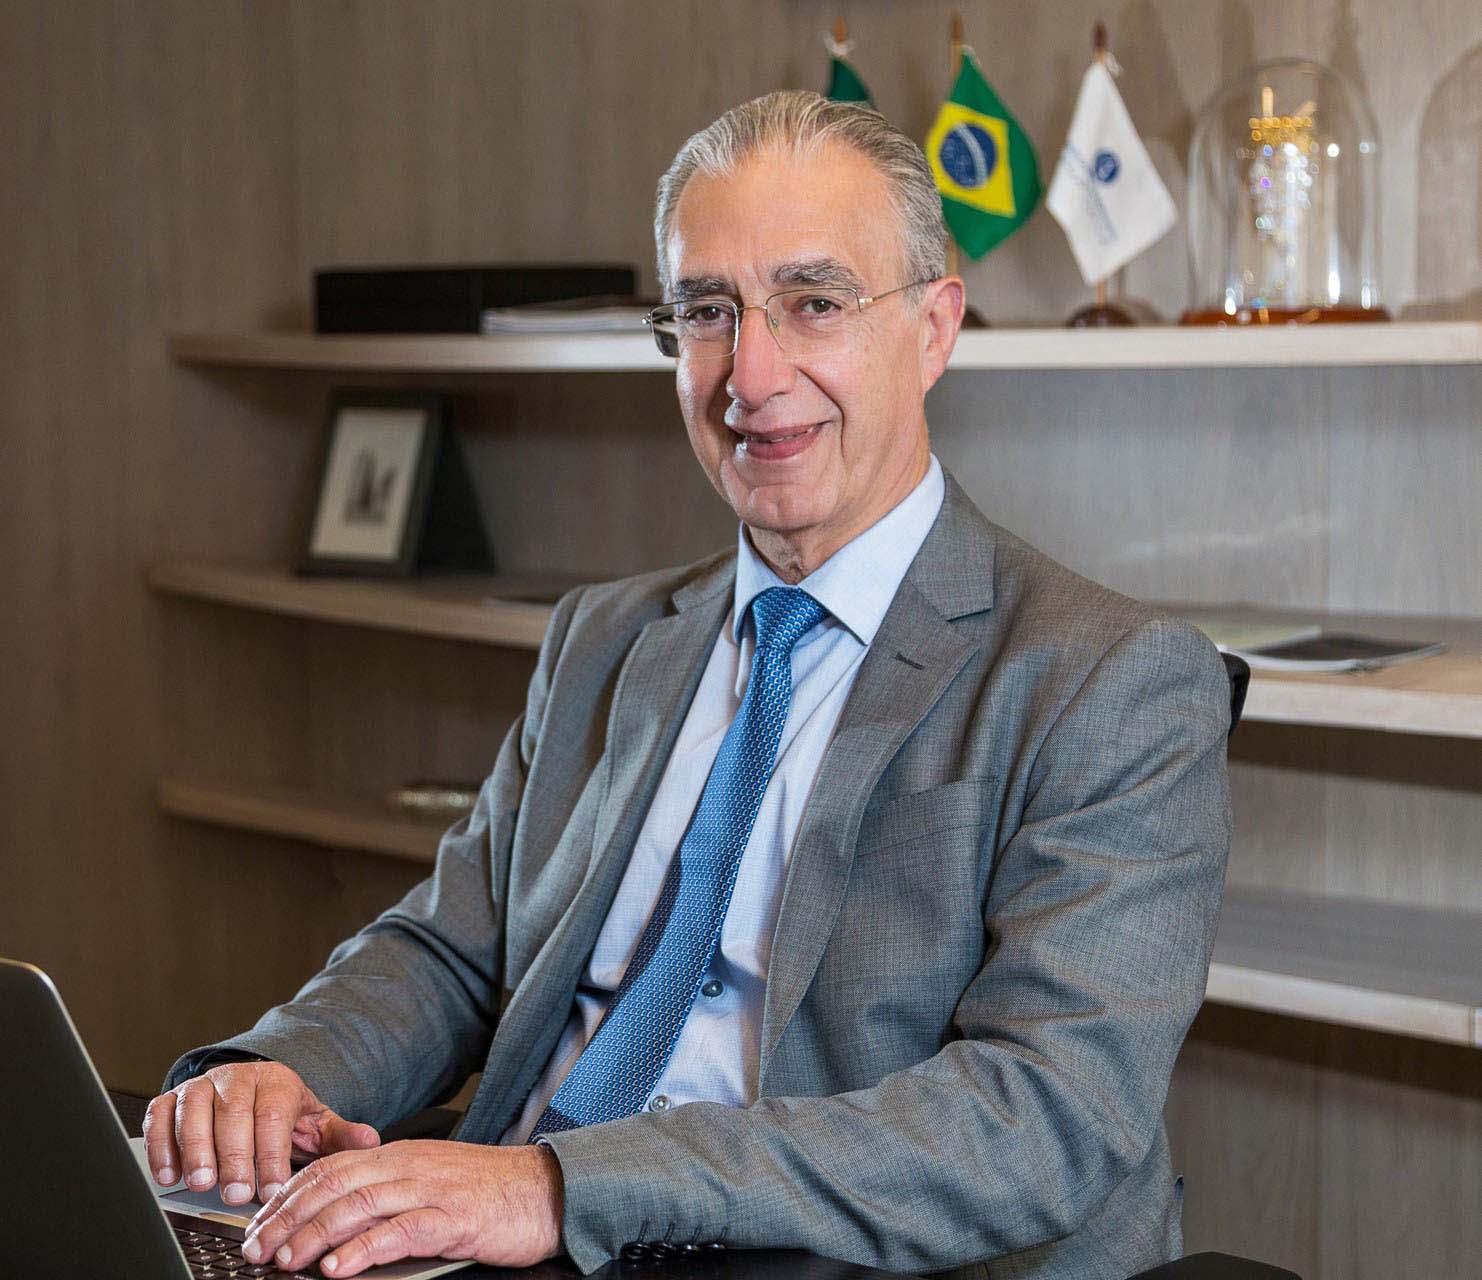 الغرفة التجارية العربية البرازيلية تستضيف النسخة الافتراضية من المنتدى الاقتصادي العربي البرازيلي من 19 إلى 22 أكتوبر 2020